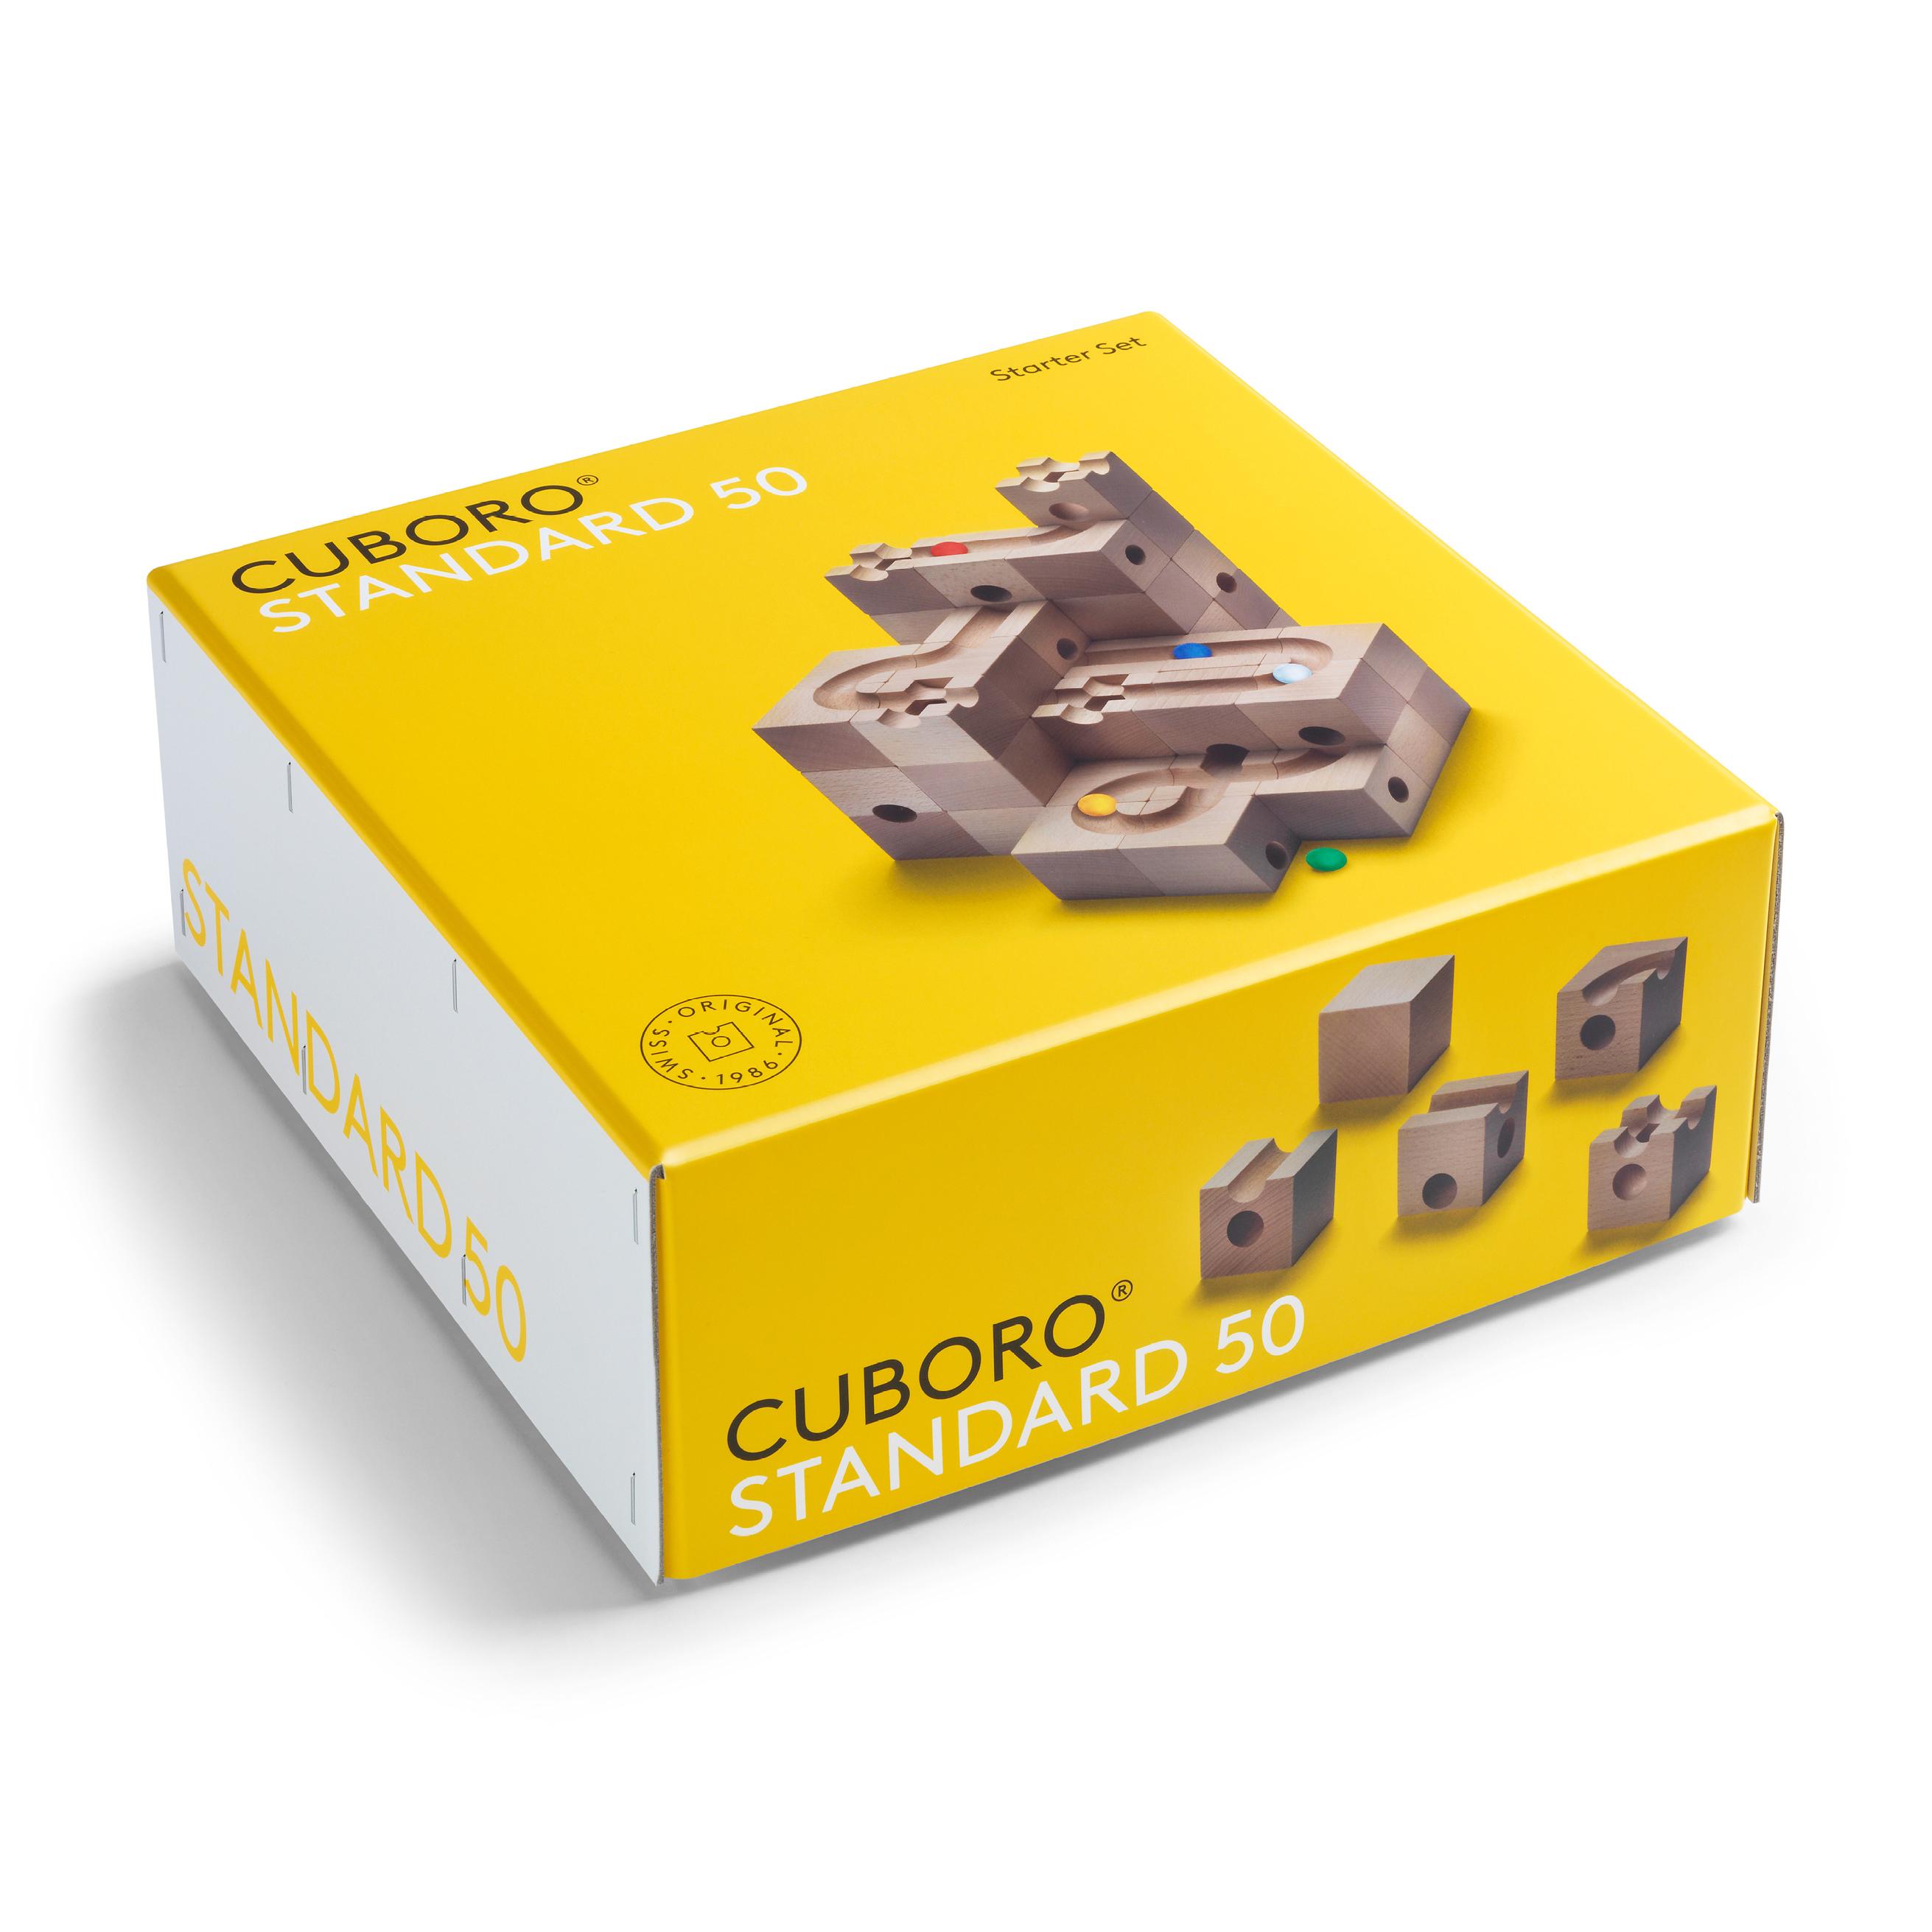 cuboro Standard 50 - Starter Set